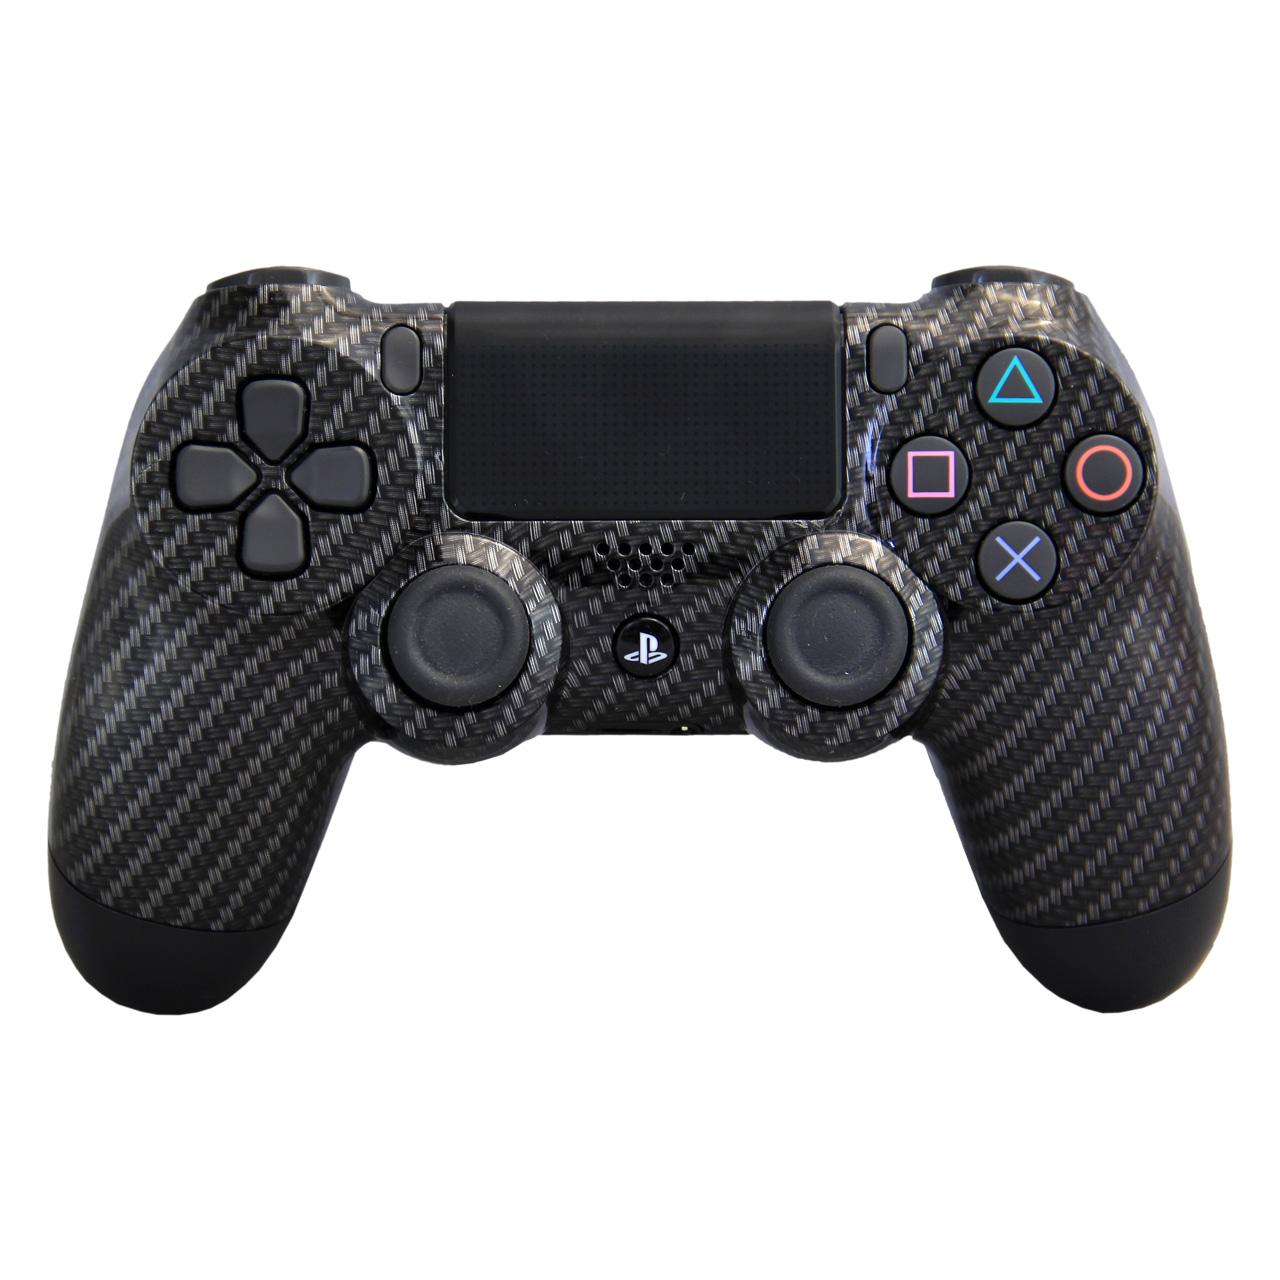 دسته بازی PS4 سونی مدل 2018 DualShock 4 کد 6-110001